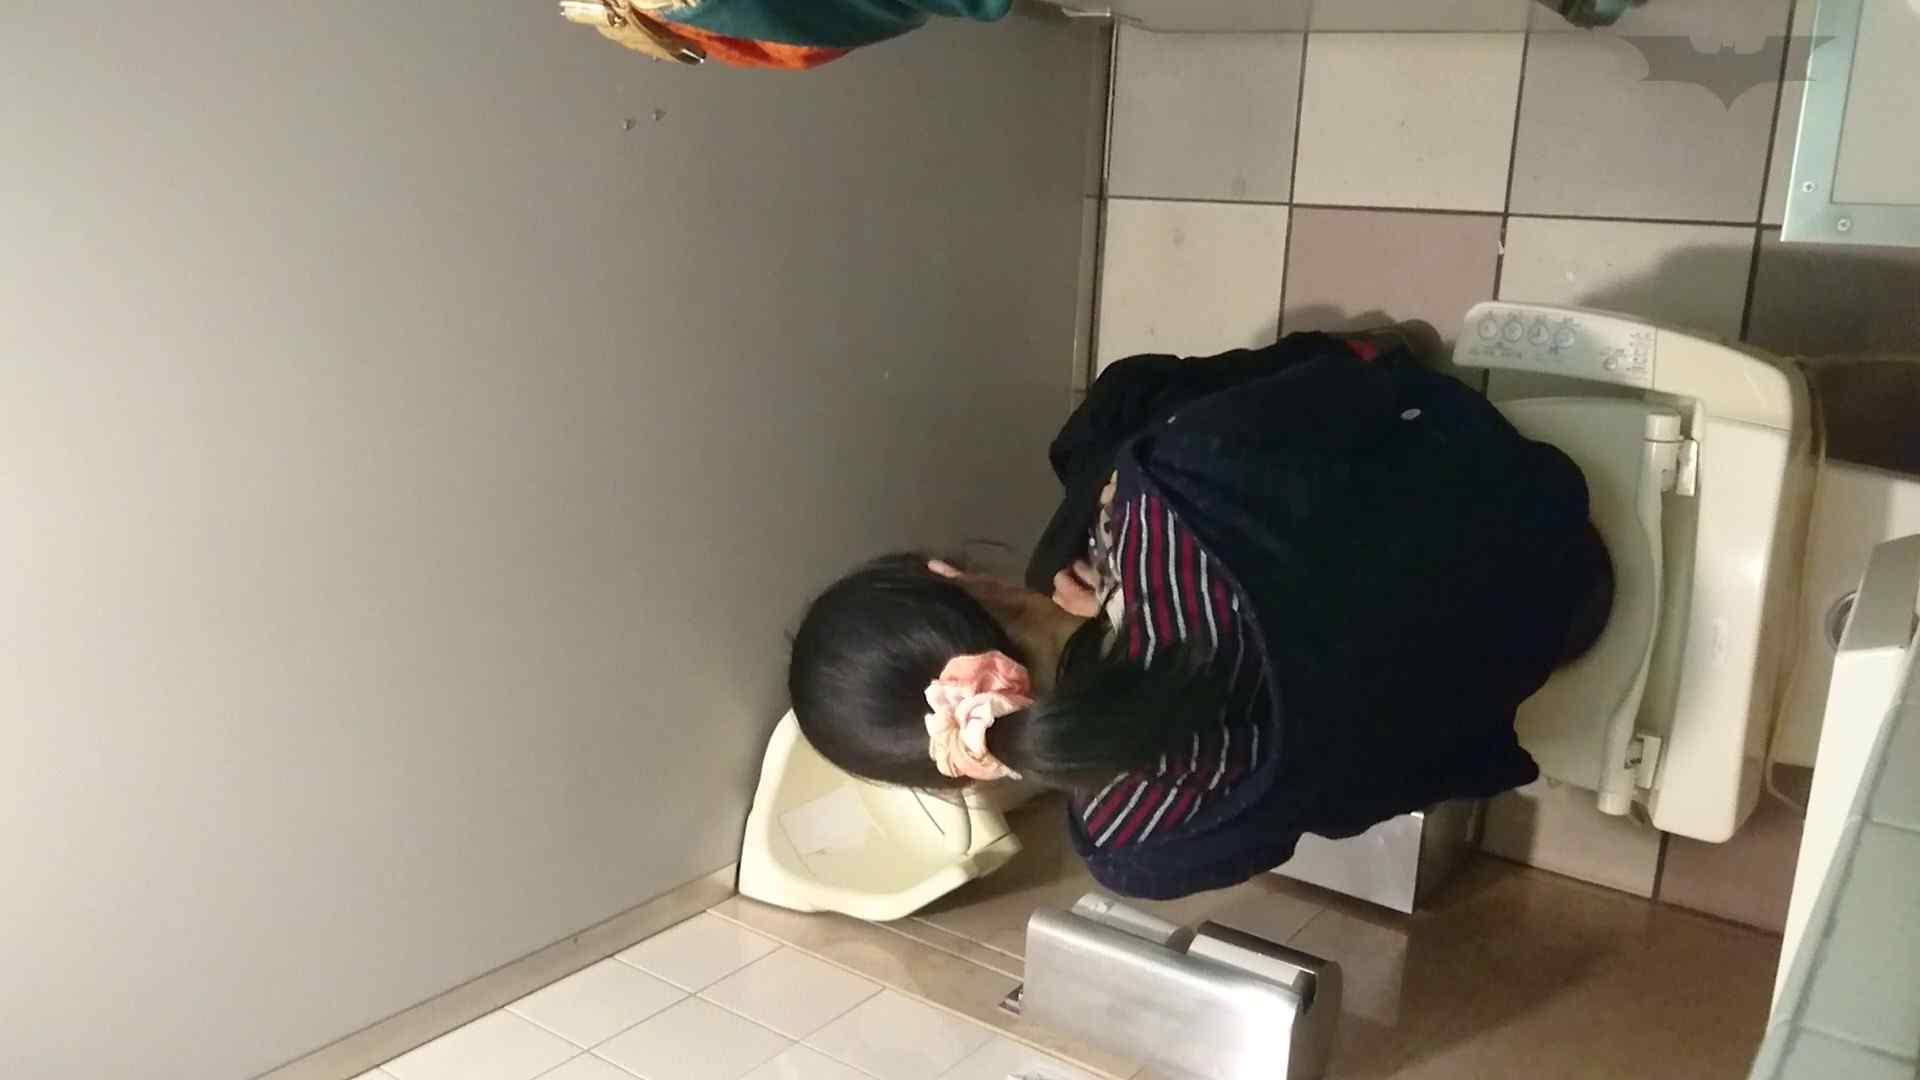 化粧室絵巻 ショッピングモール編 VOL.16 丸見え  59PIX 8